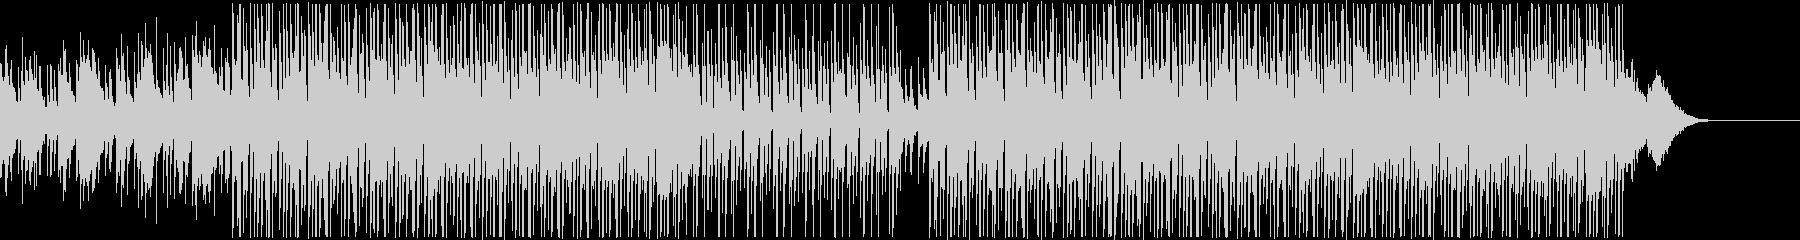 チルアウト/リラックス・おしゃれなBGMの未再生の波形